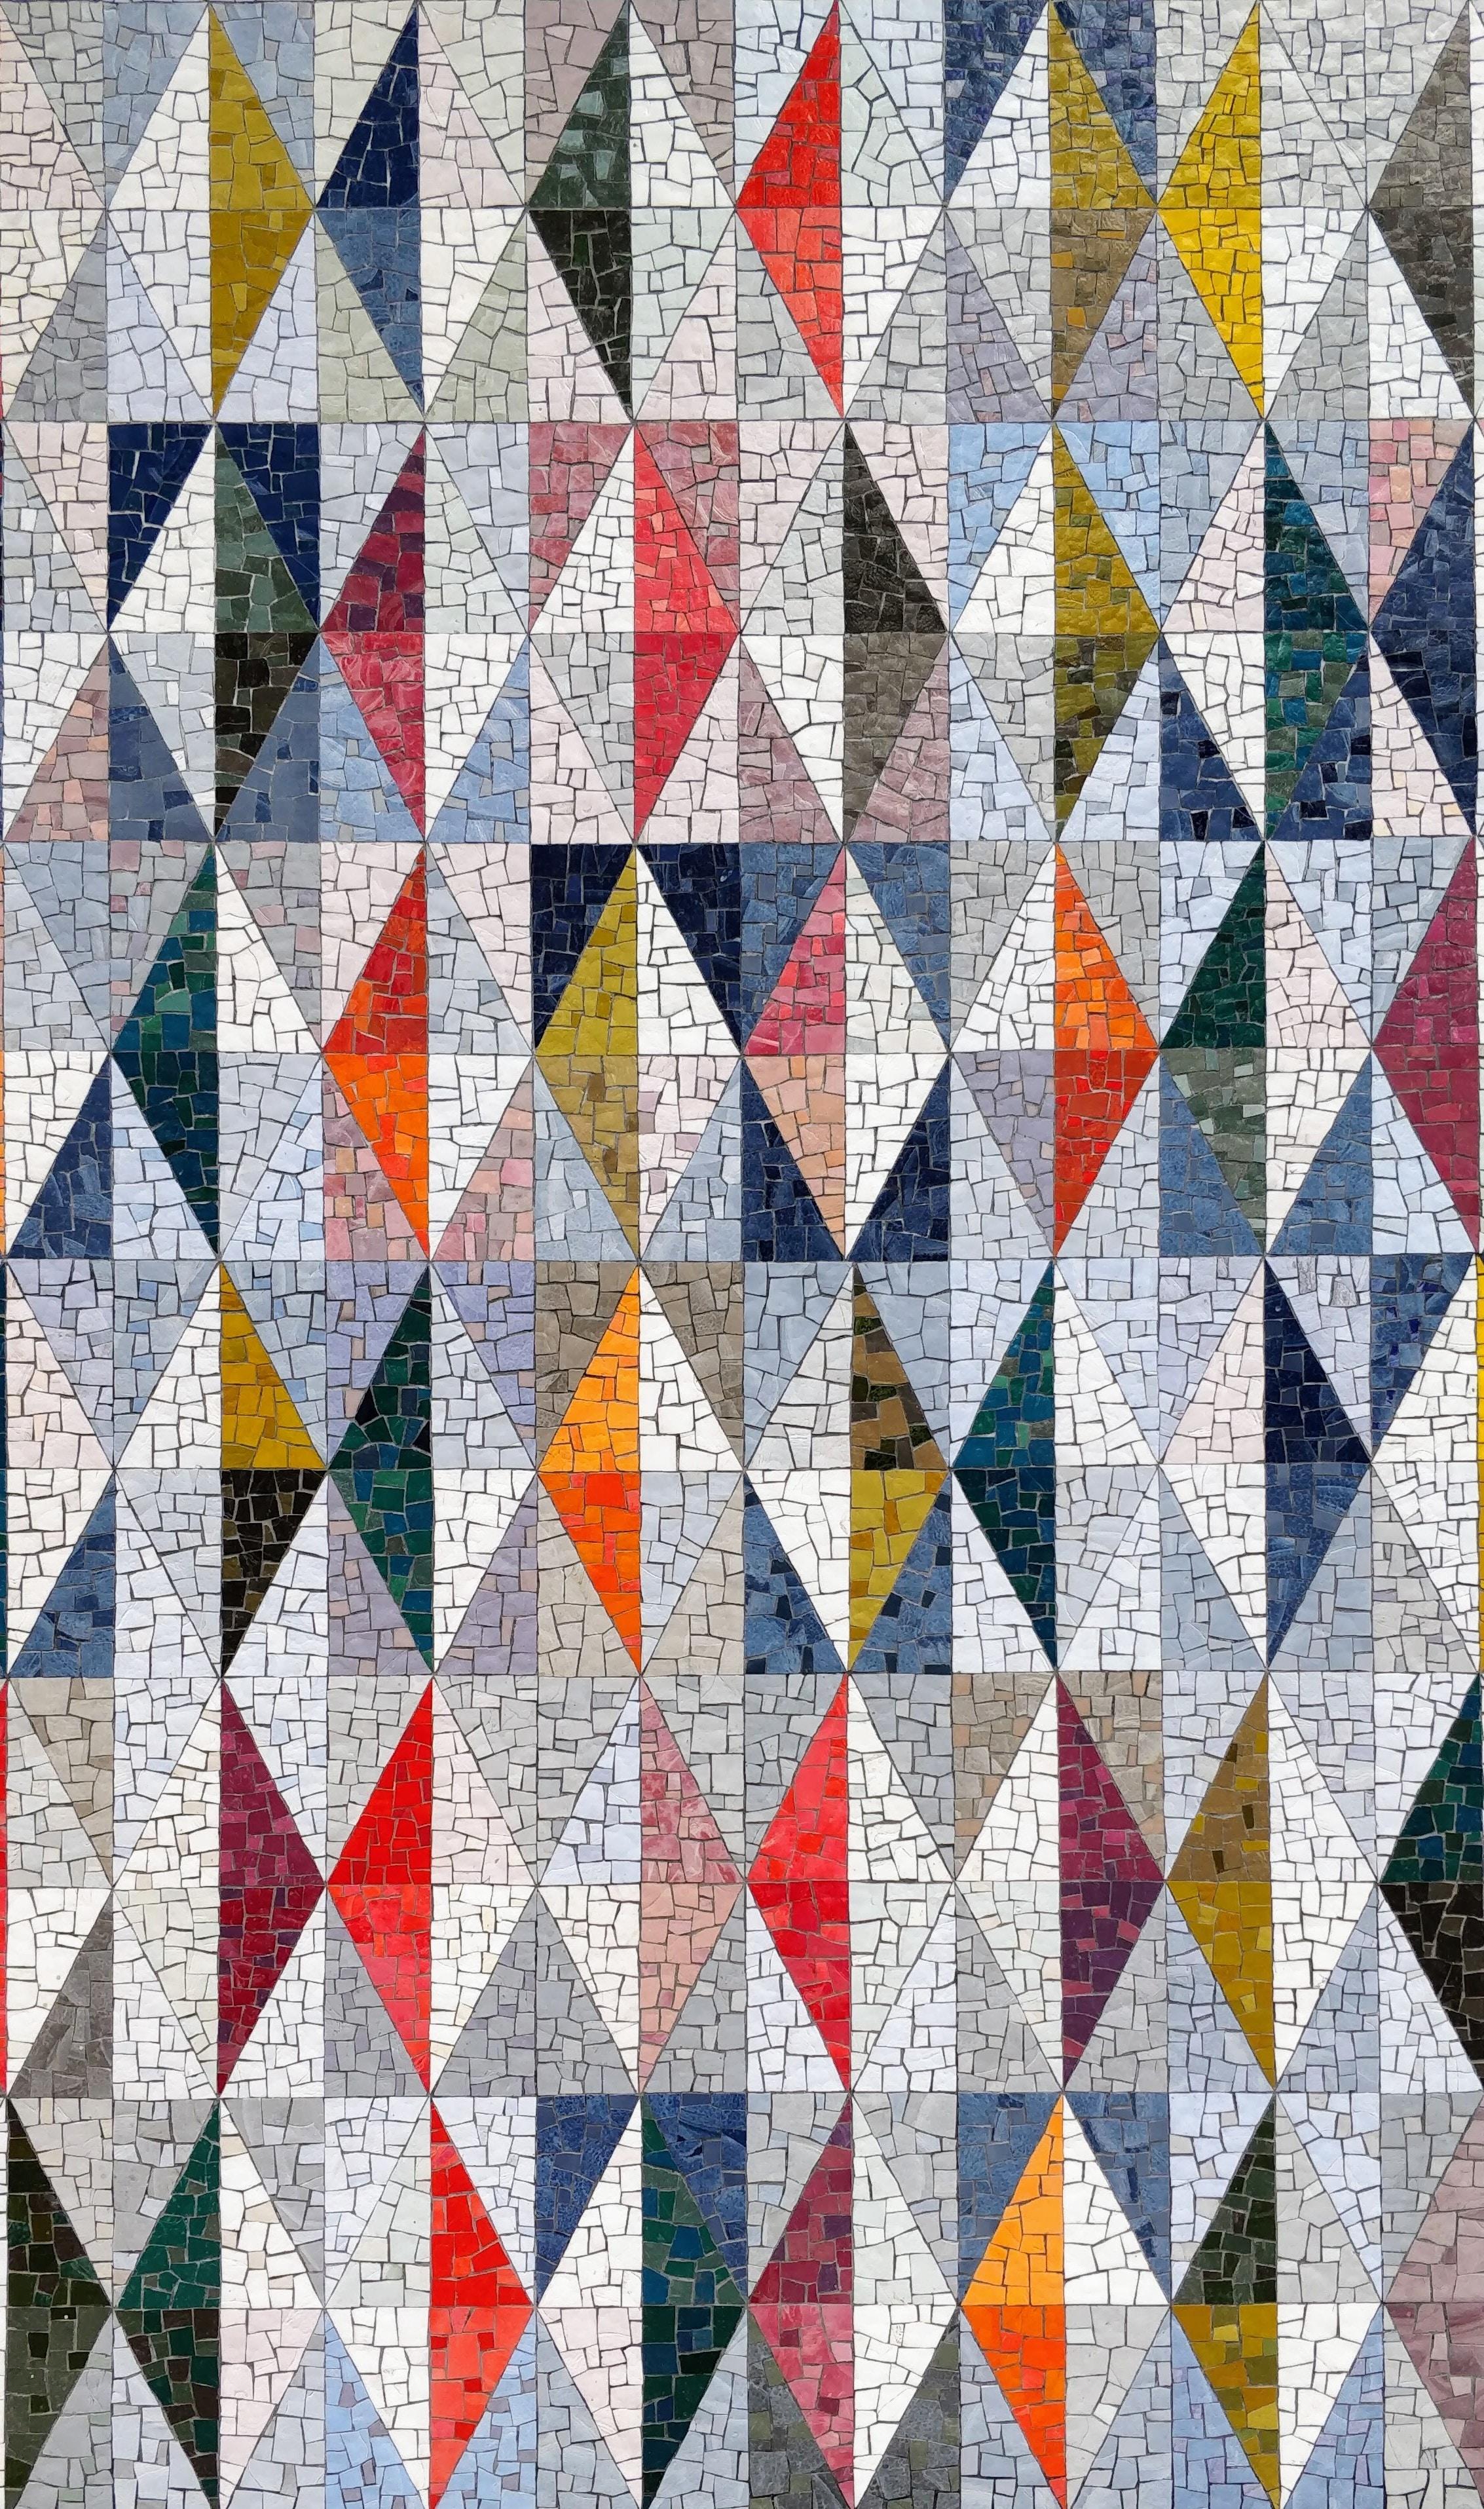 免費壁紙128683:纹理, 马赛克, 多彩多姿, 五颜六色, 菱形, 图案, 几何学, 几何形状 下載手機圖片